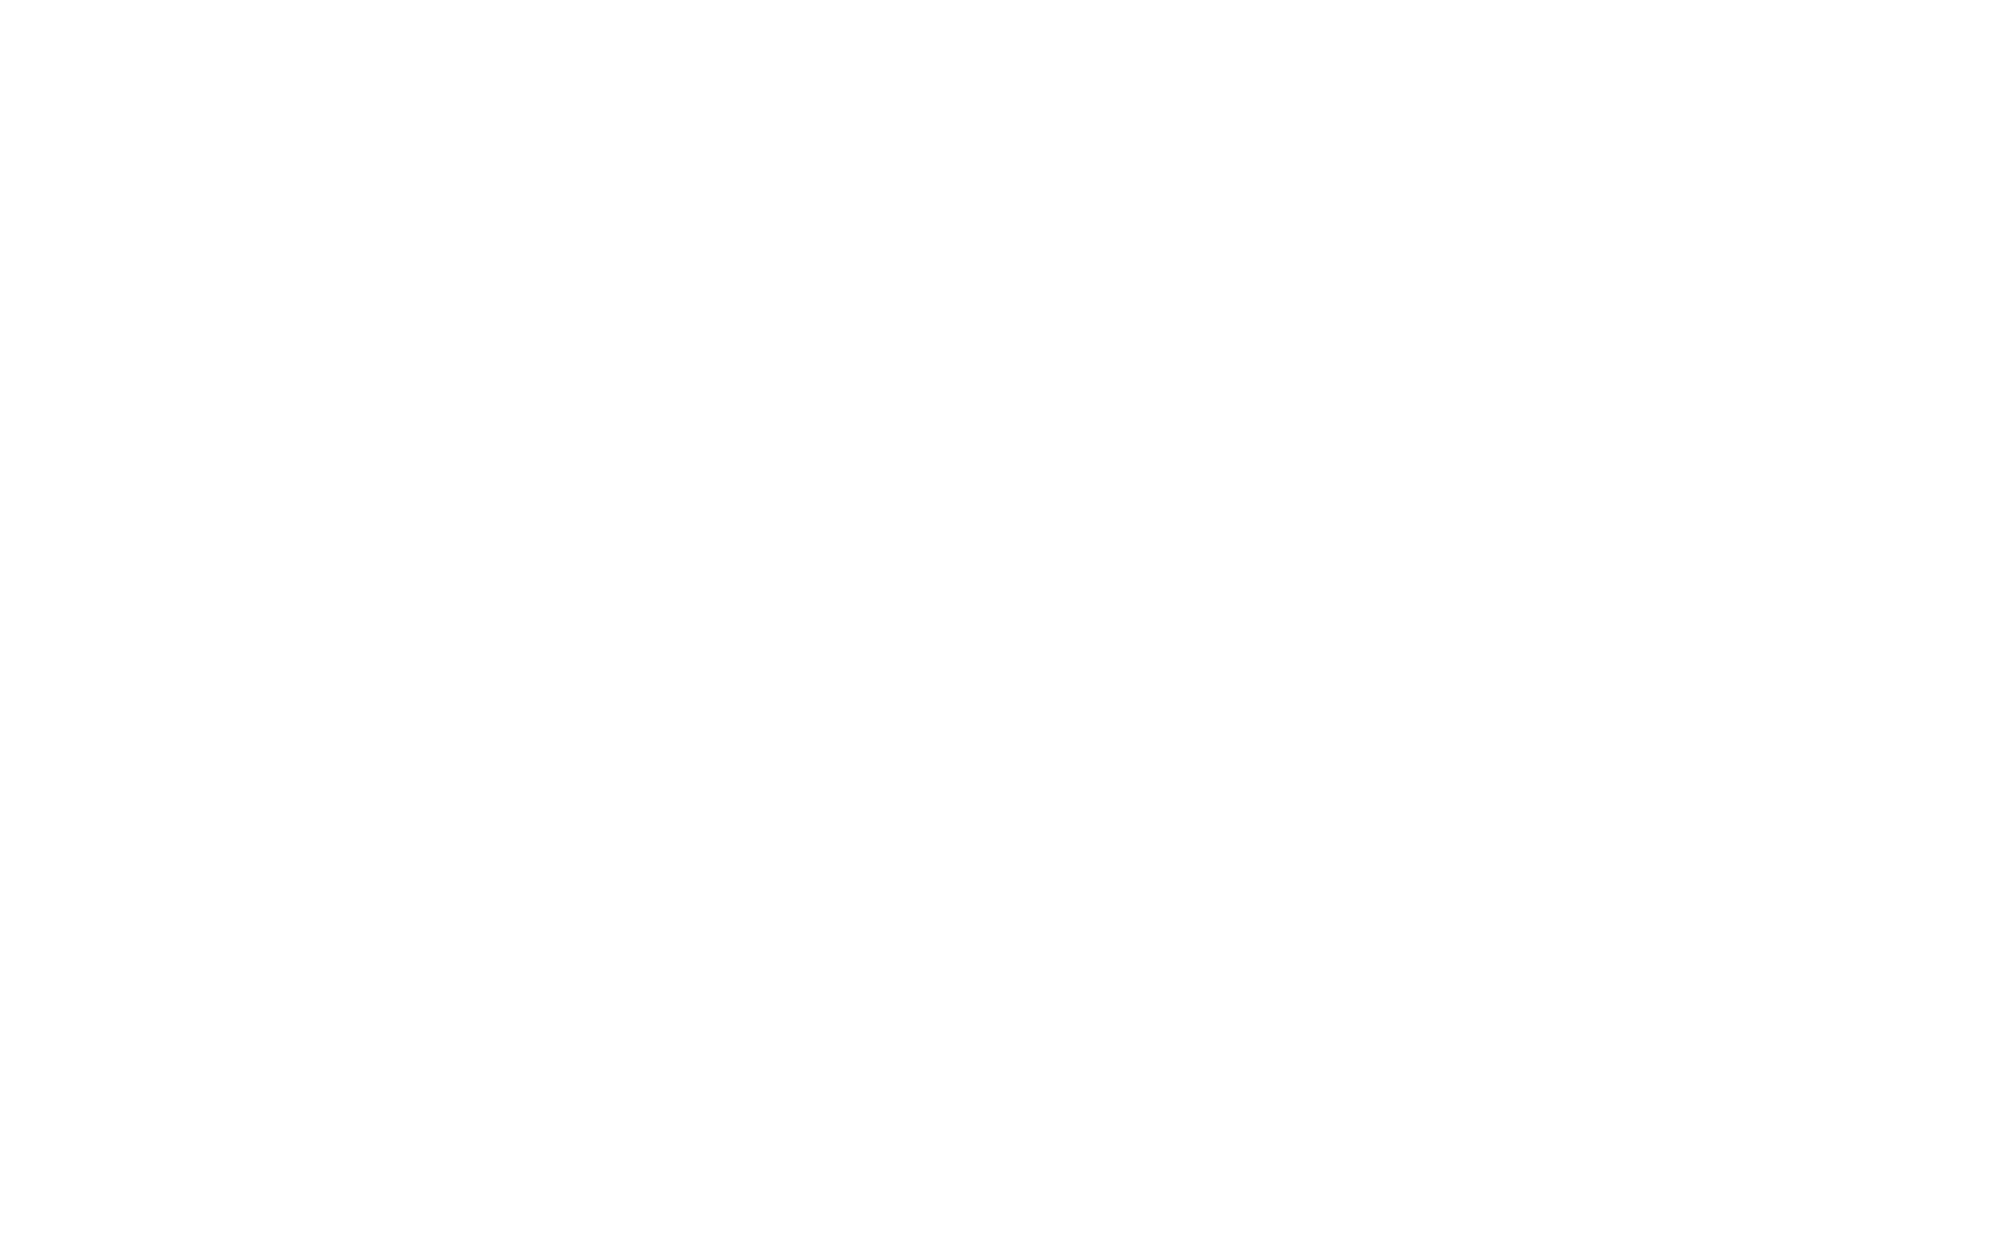 ohv engine diagram spark plug front back [ 2000 x 1250 Pixel ]